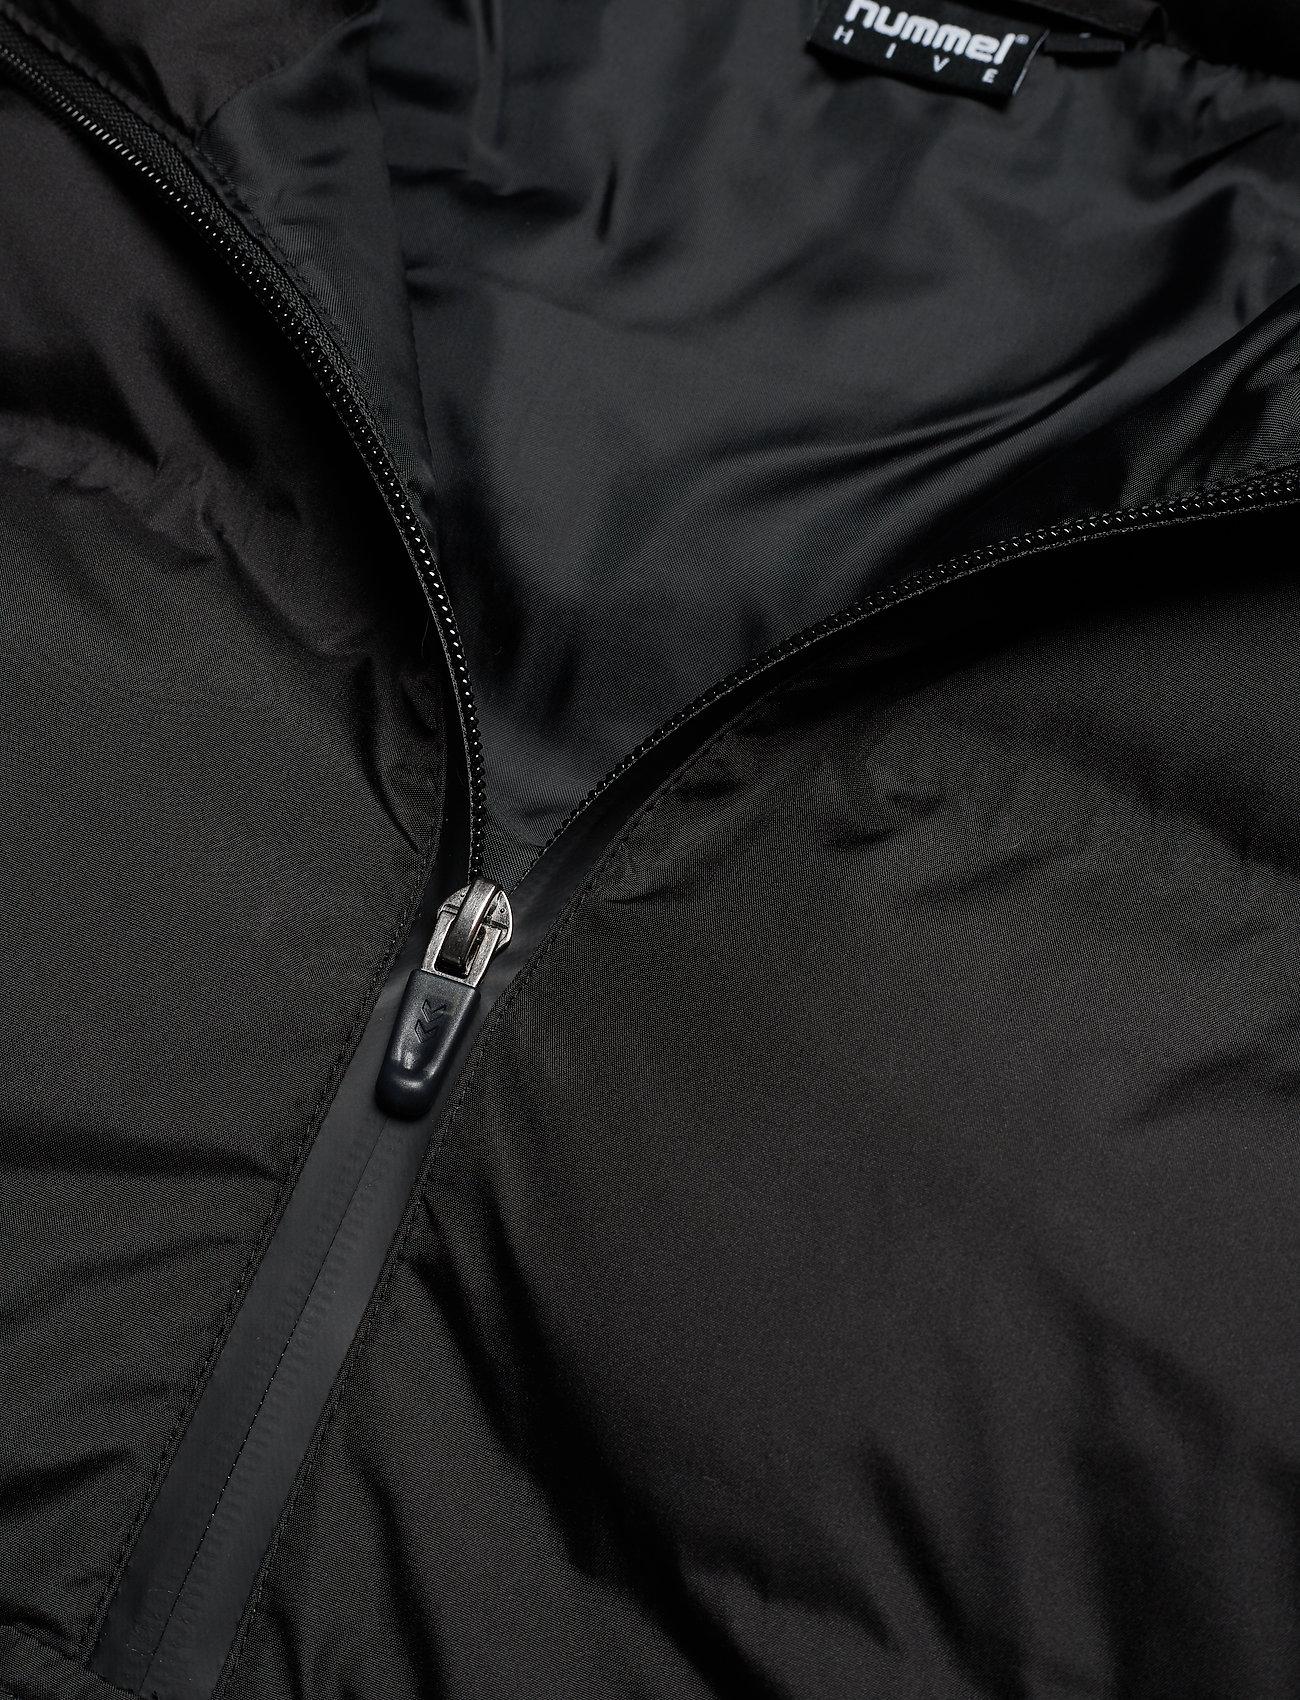 Hummel Hive Hmlcolumbine Jacket - Jackor & Kappor Black